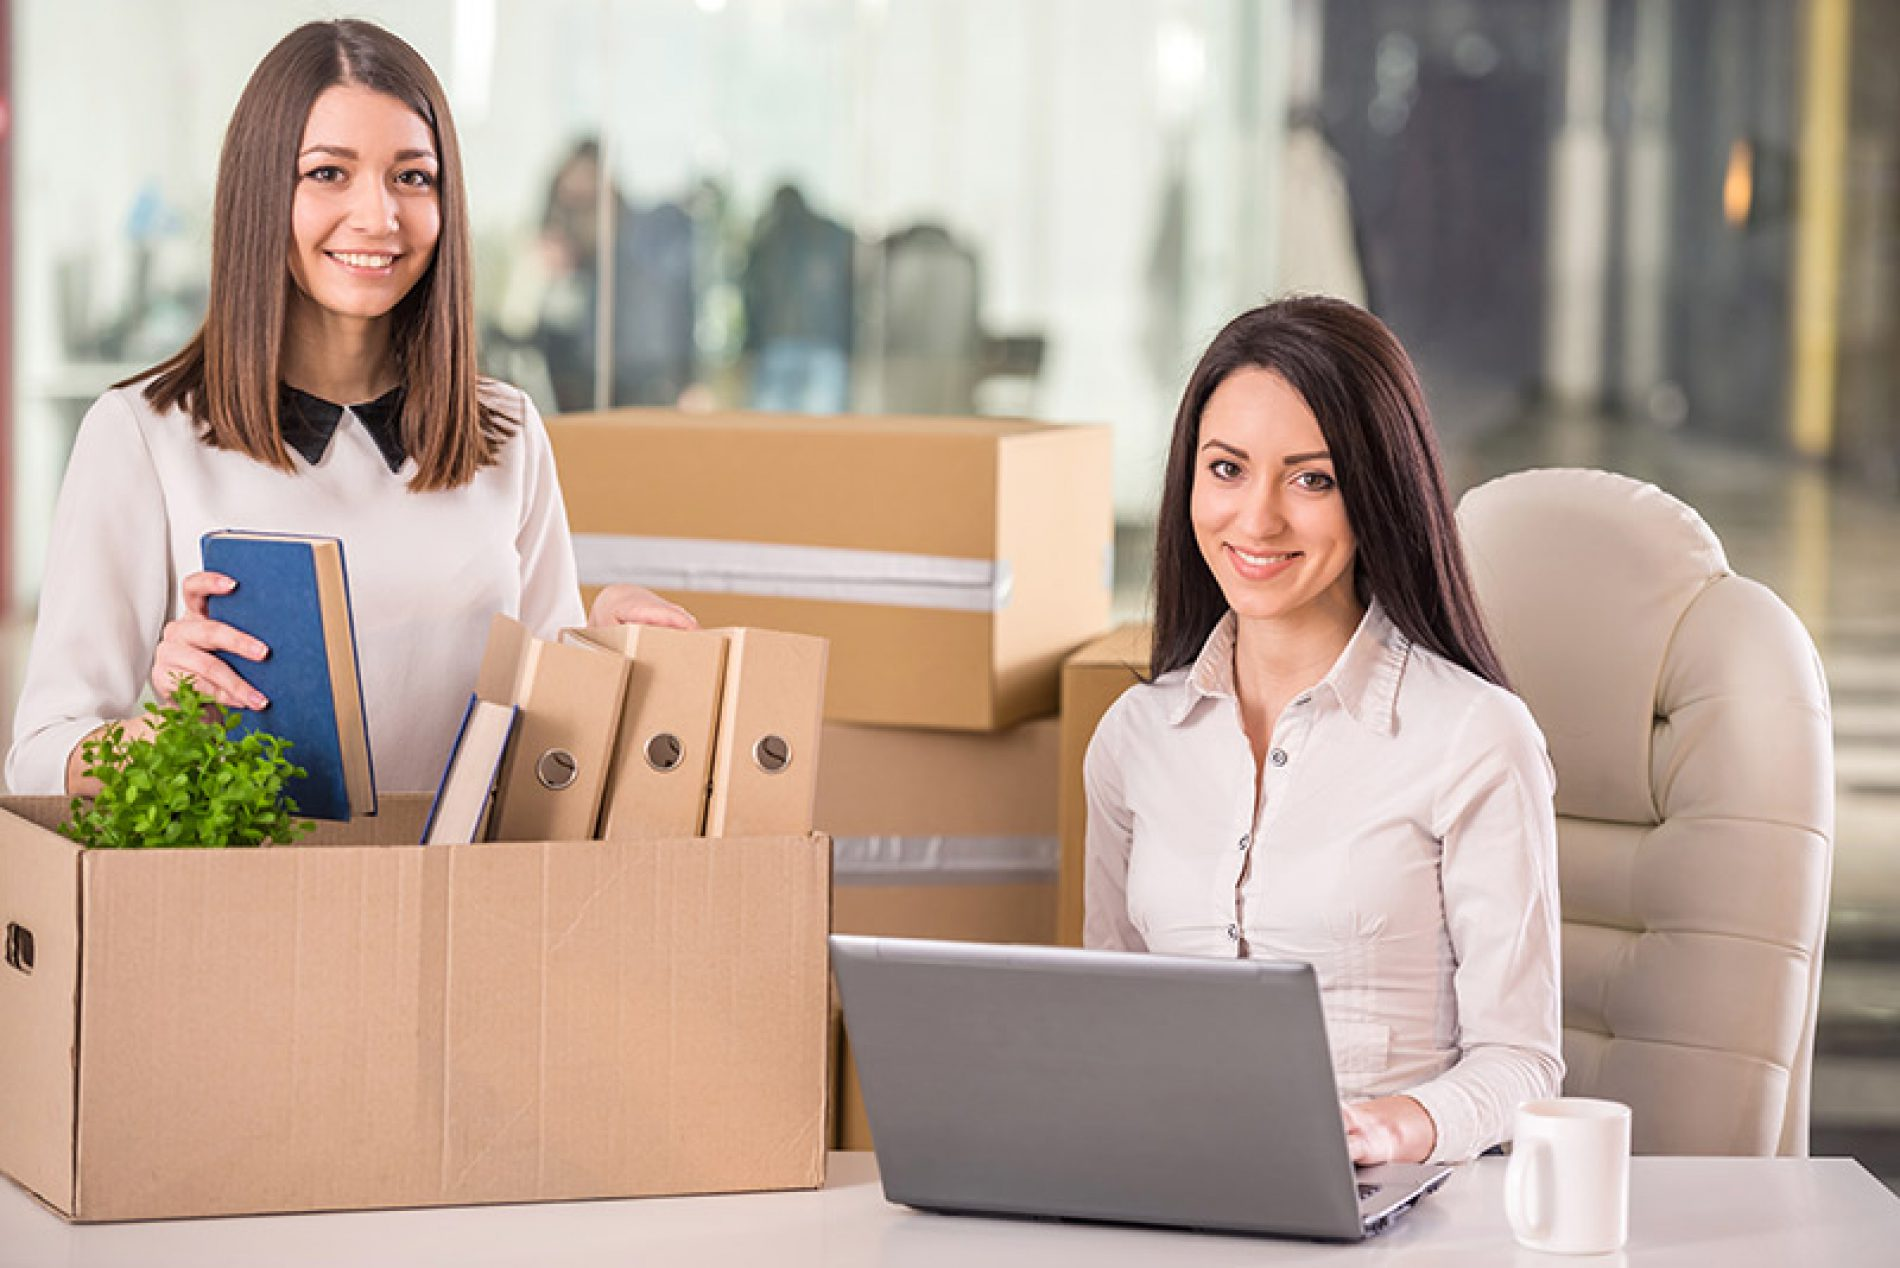 Regione Lazio: contratto di ricollocazione per madri disoccupate